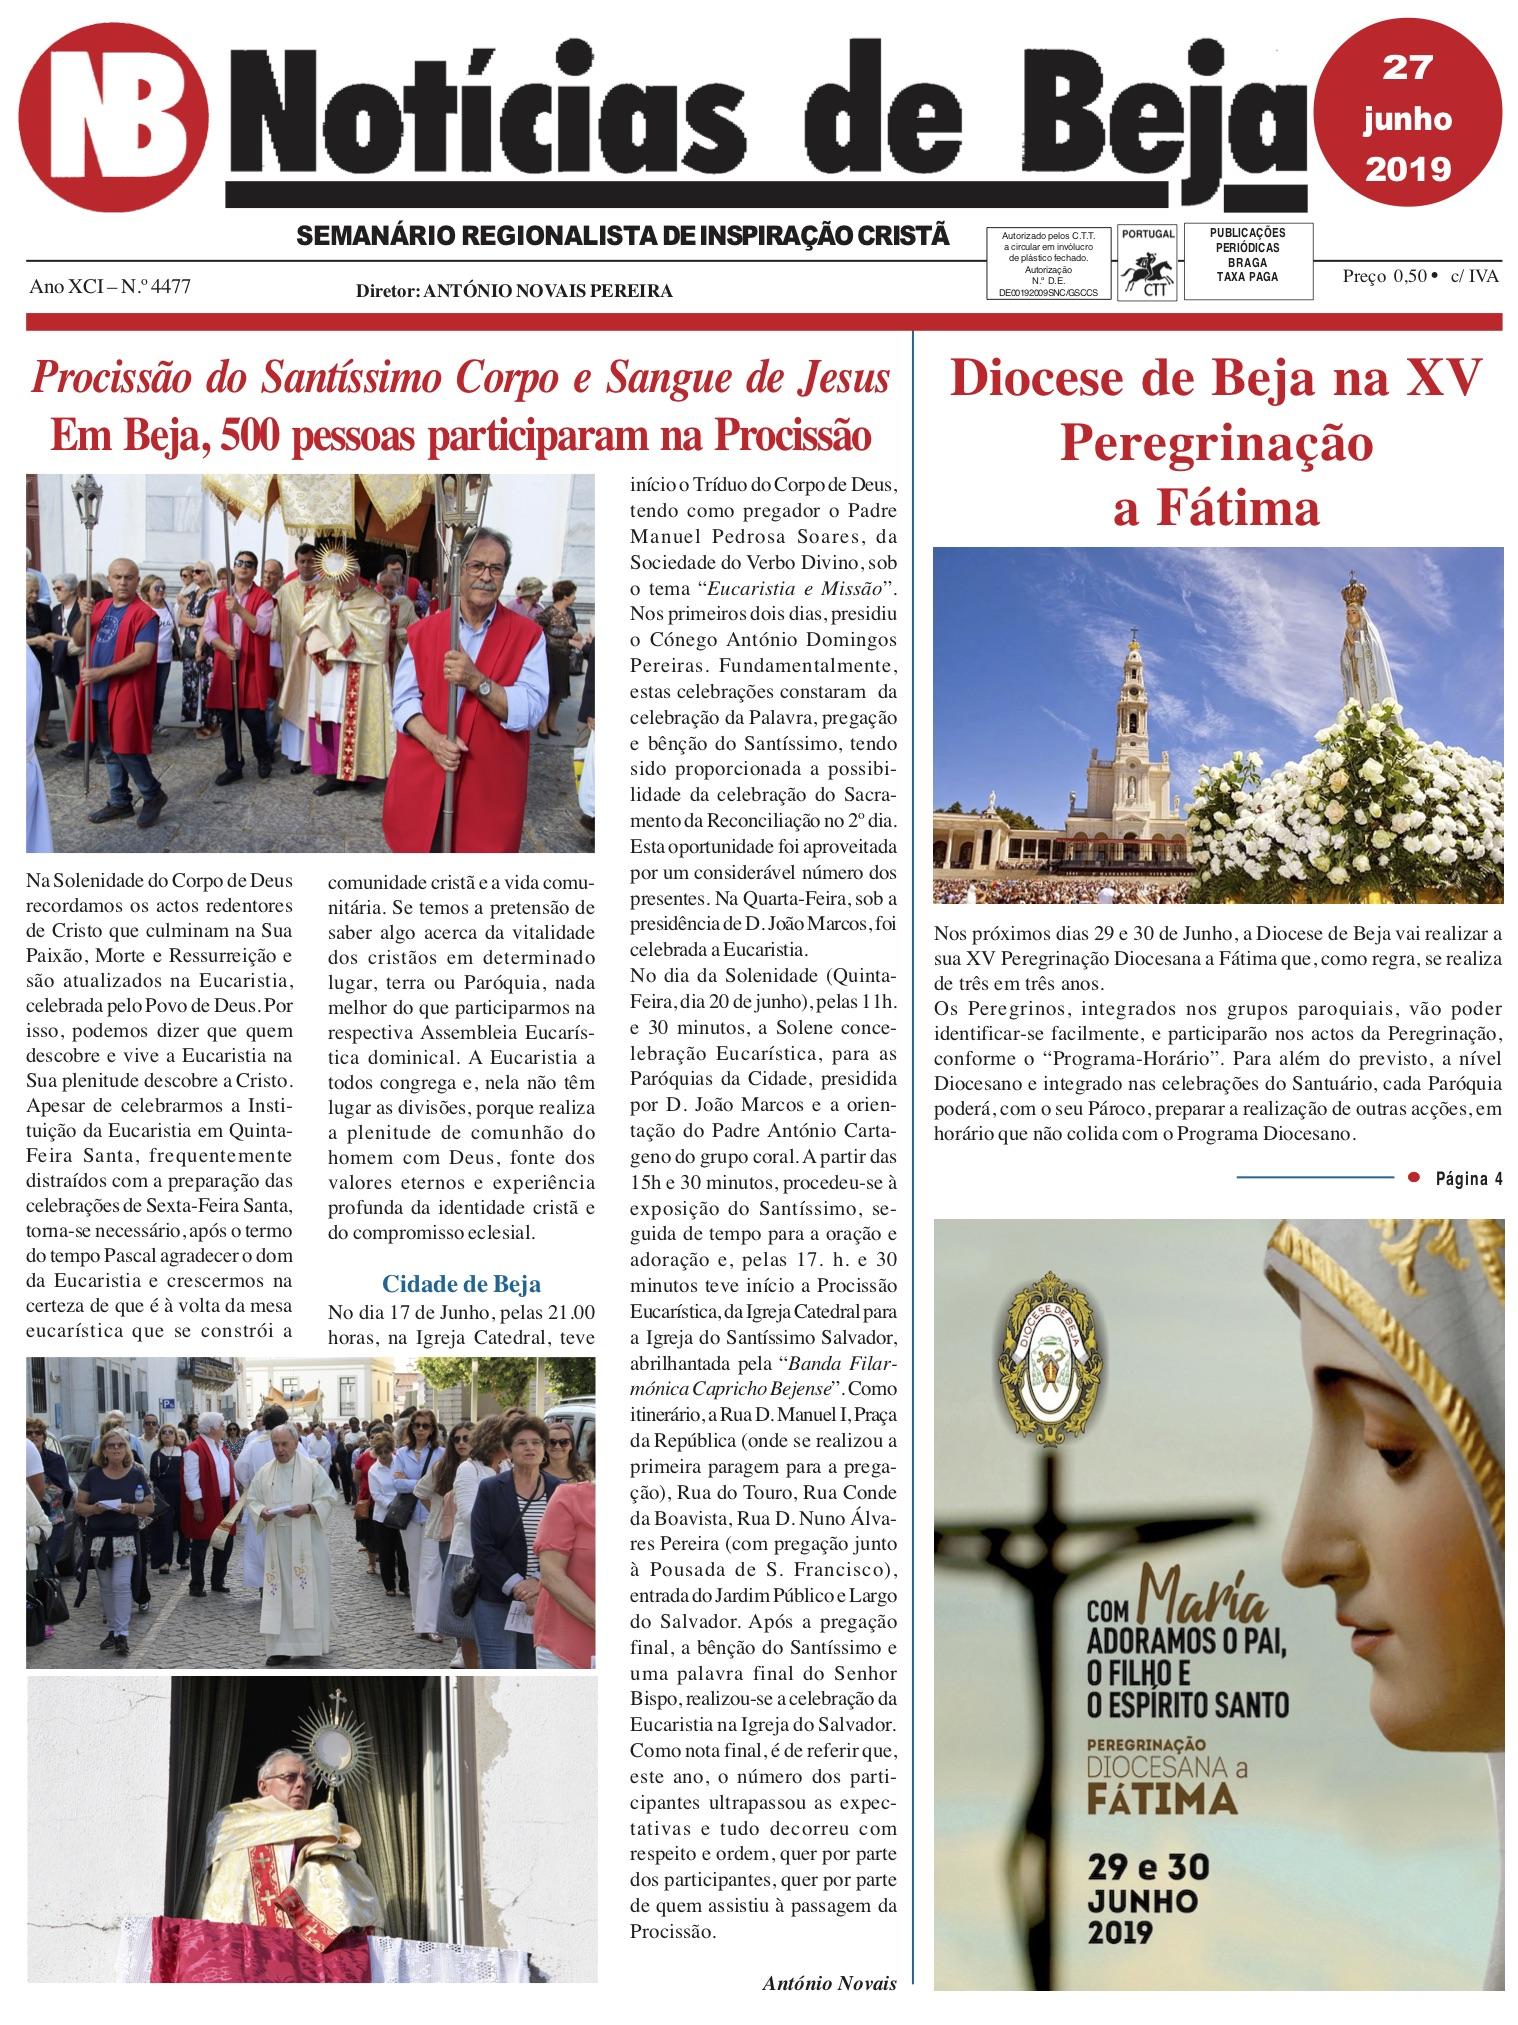 Jornal Notícias de Beja de 27 de Junho de 2019